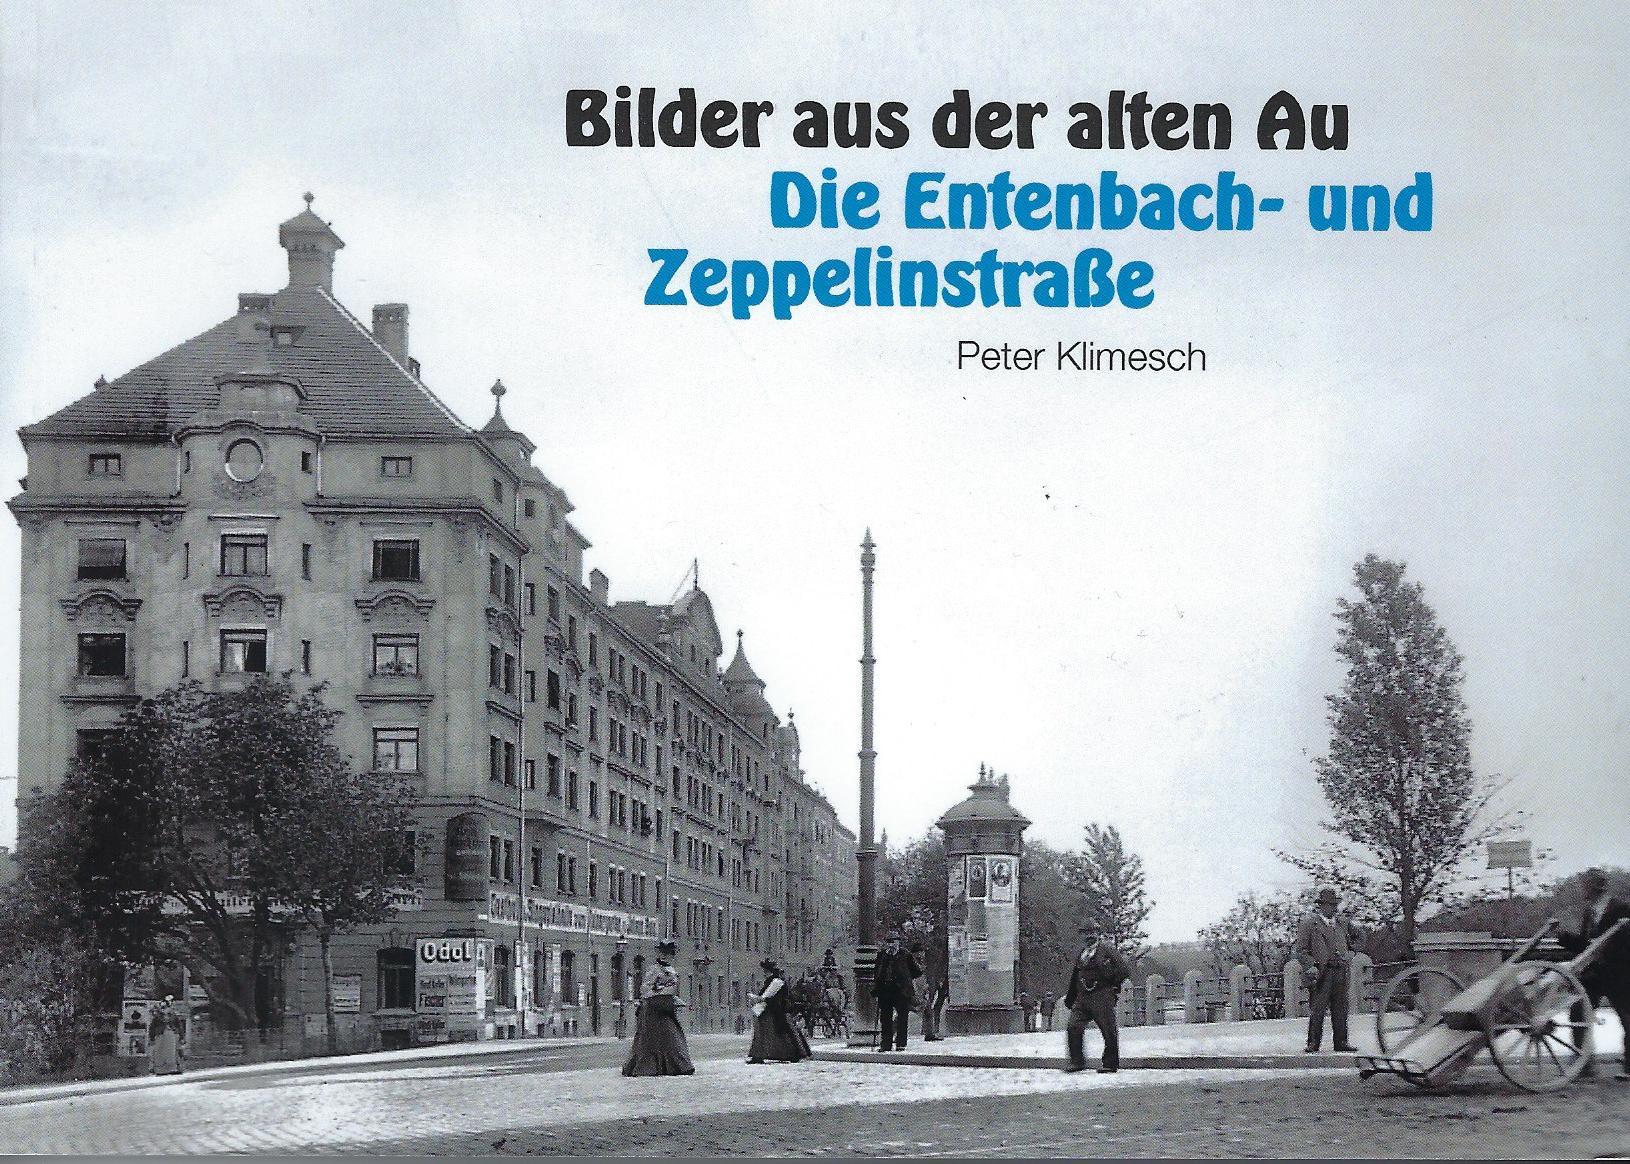 Bilder aus der alten Au. Die Entenbach- und Zeppelinstraße.